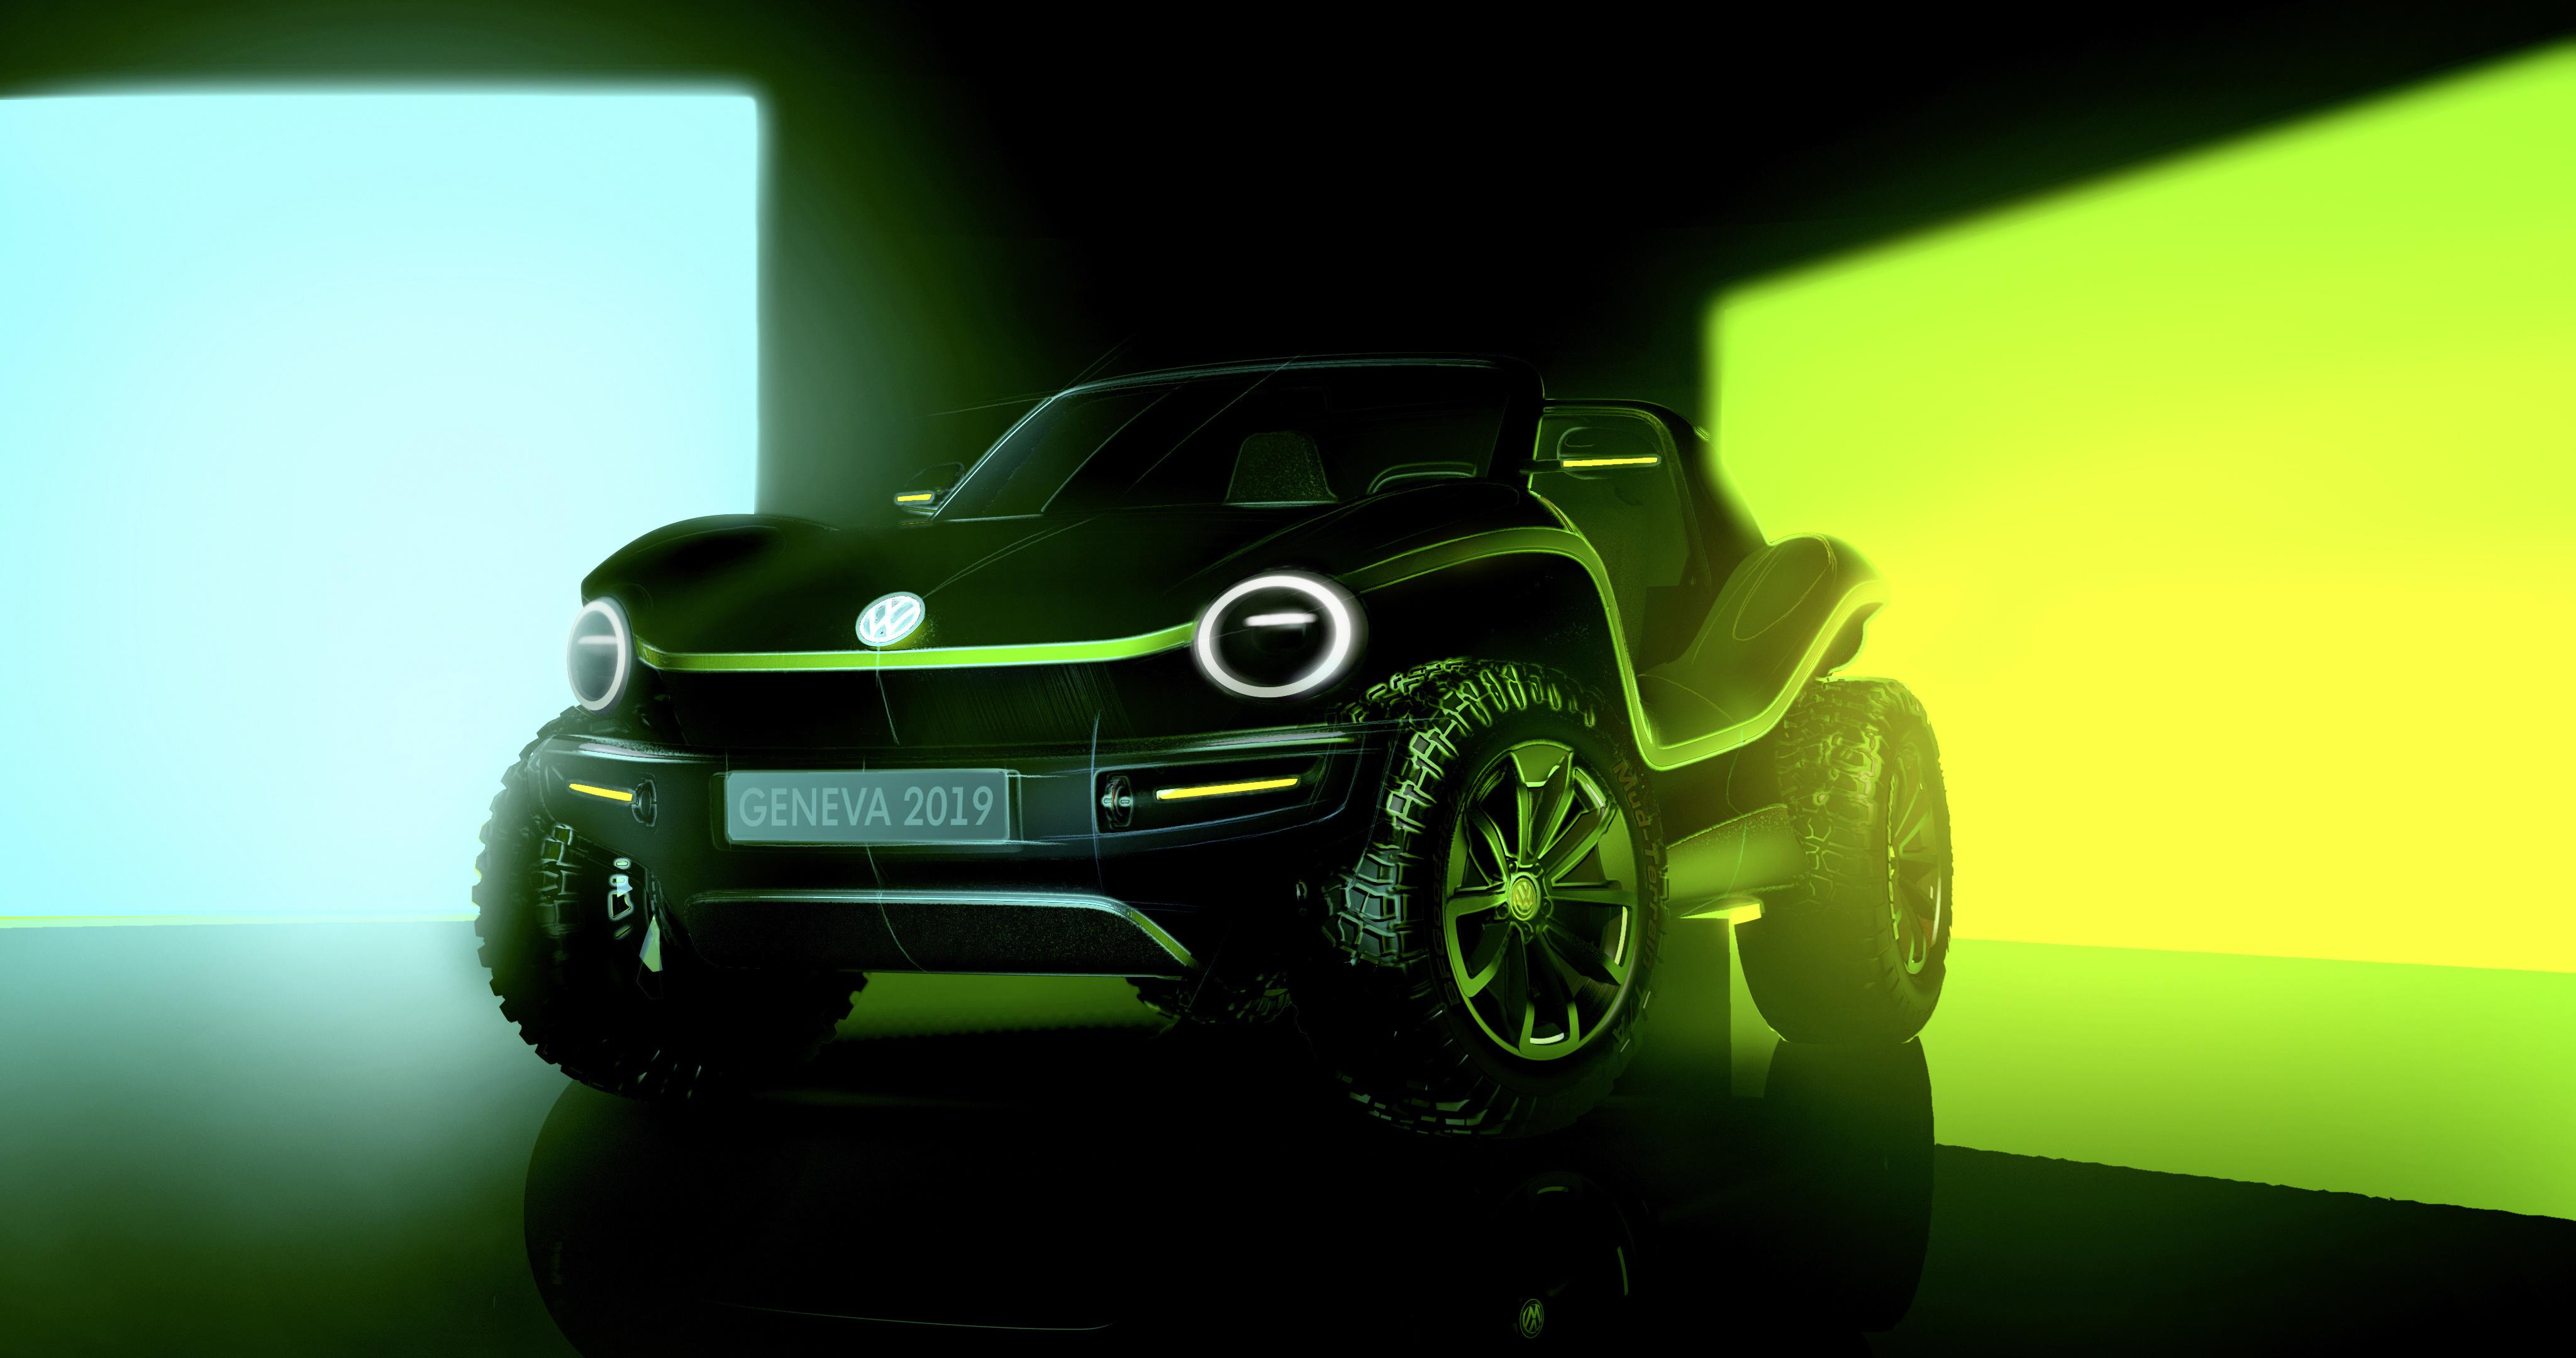 Volkswagen Showcar Geneva